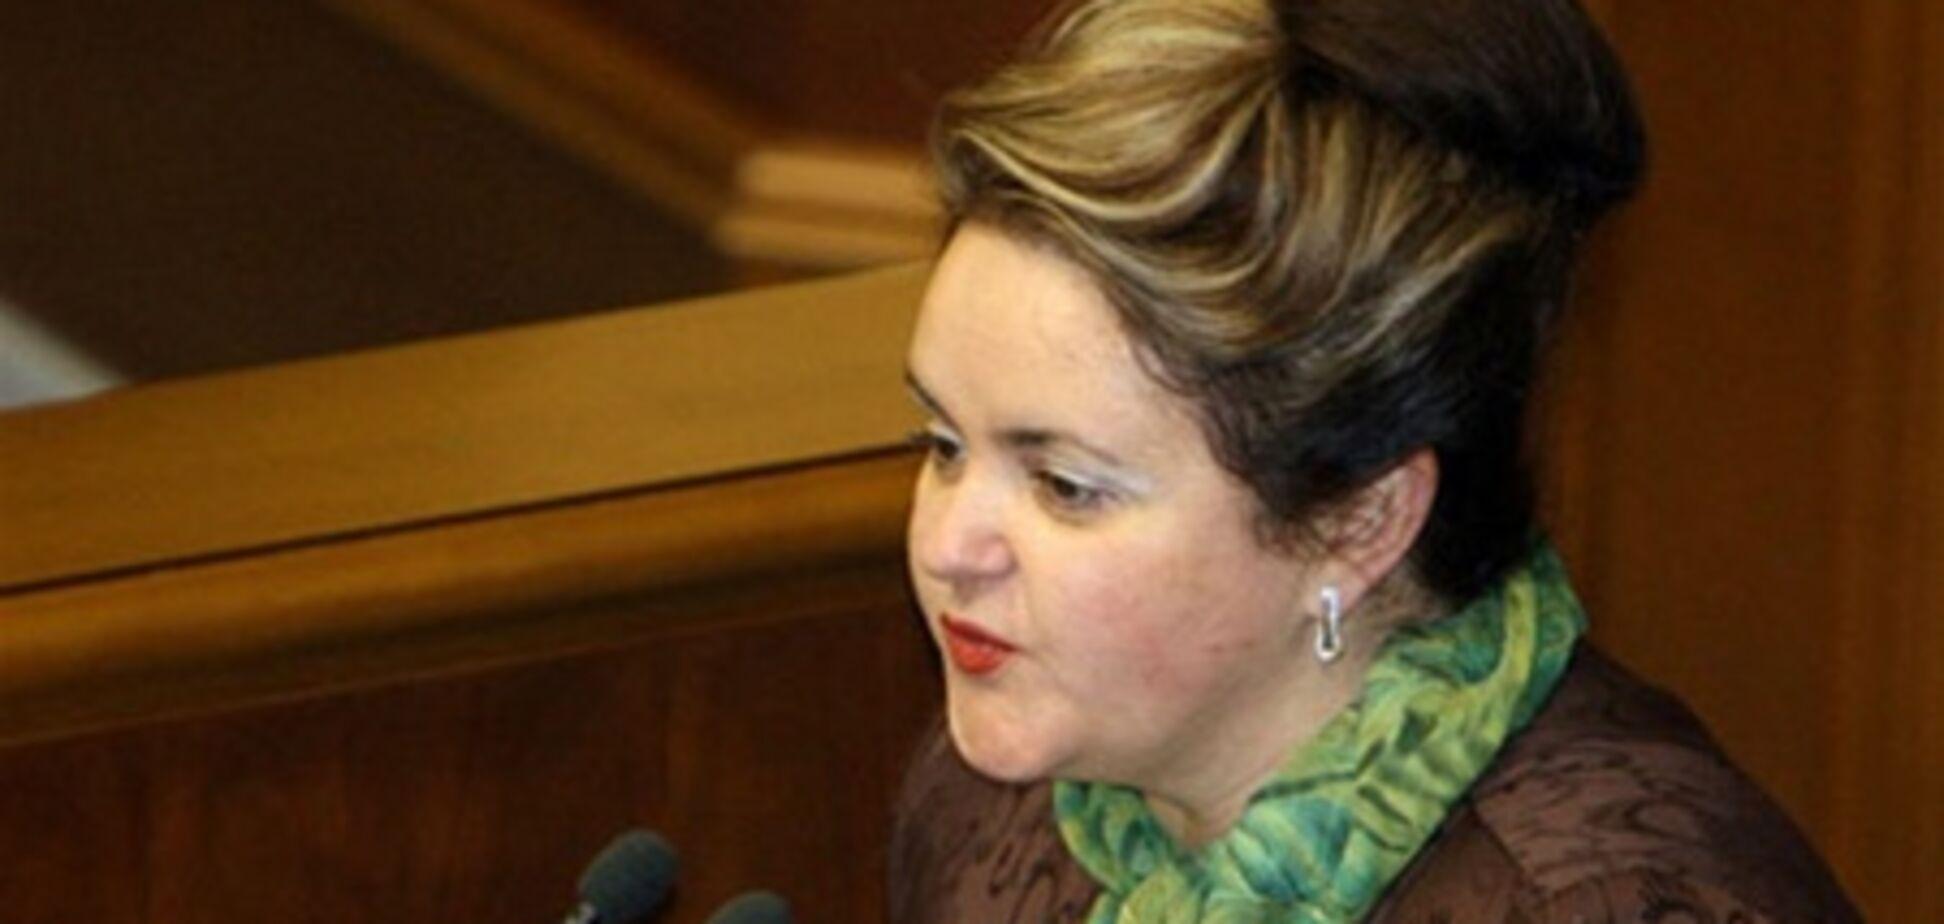 Григорович: в політиці є більш грішні люди, ніж Тимошенко і Луценко